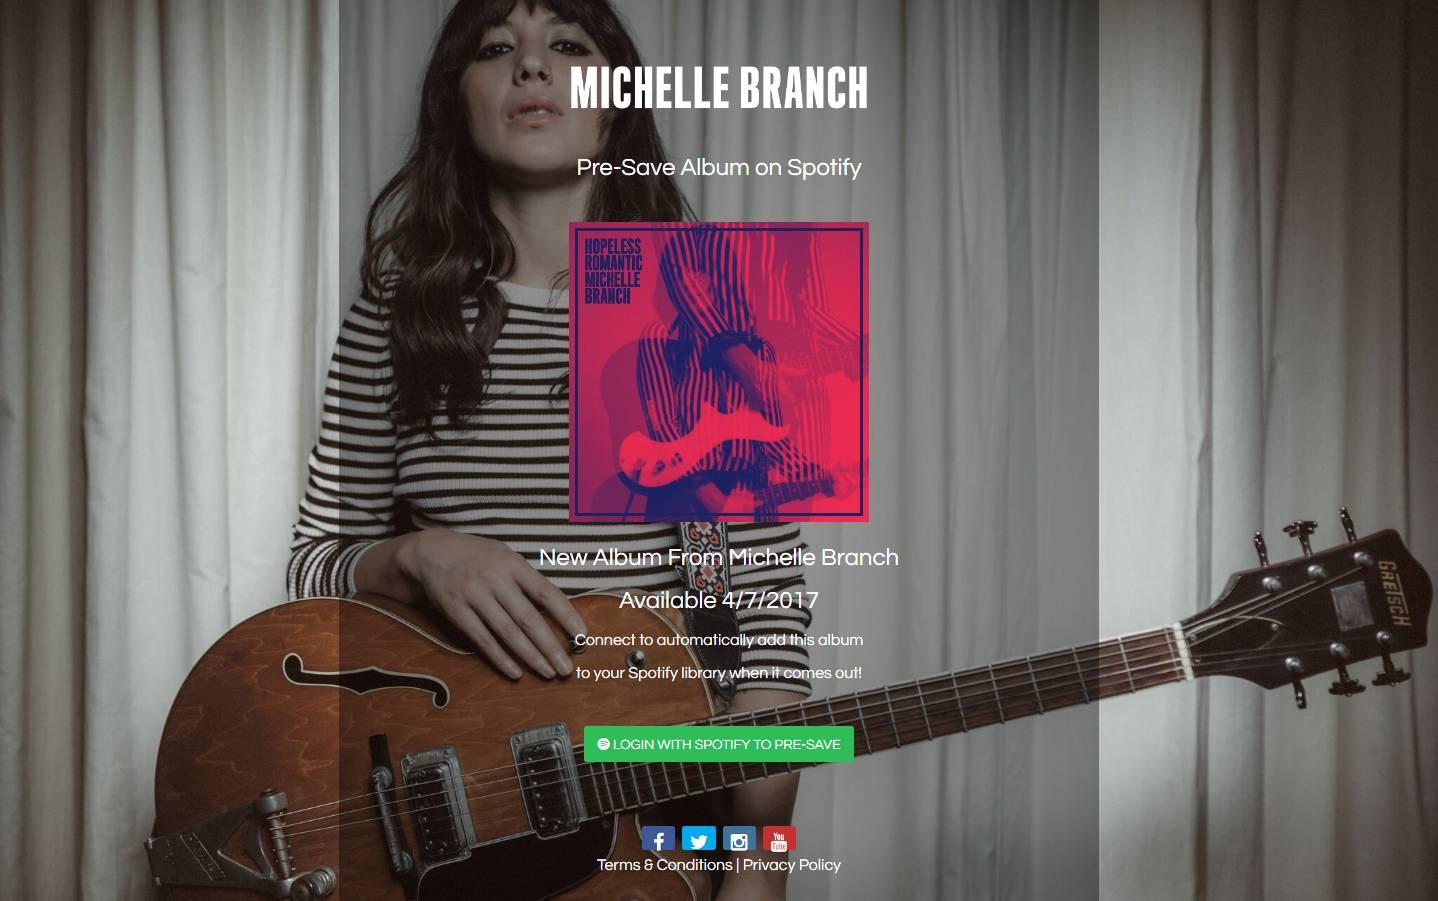 Michelle Branch Pre-Save for Spotify, Michelle Branch Presave For Spotify, Michelle Branch Spotify Pre-Save